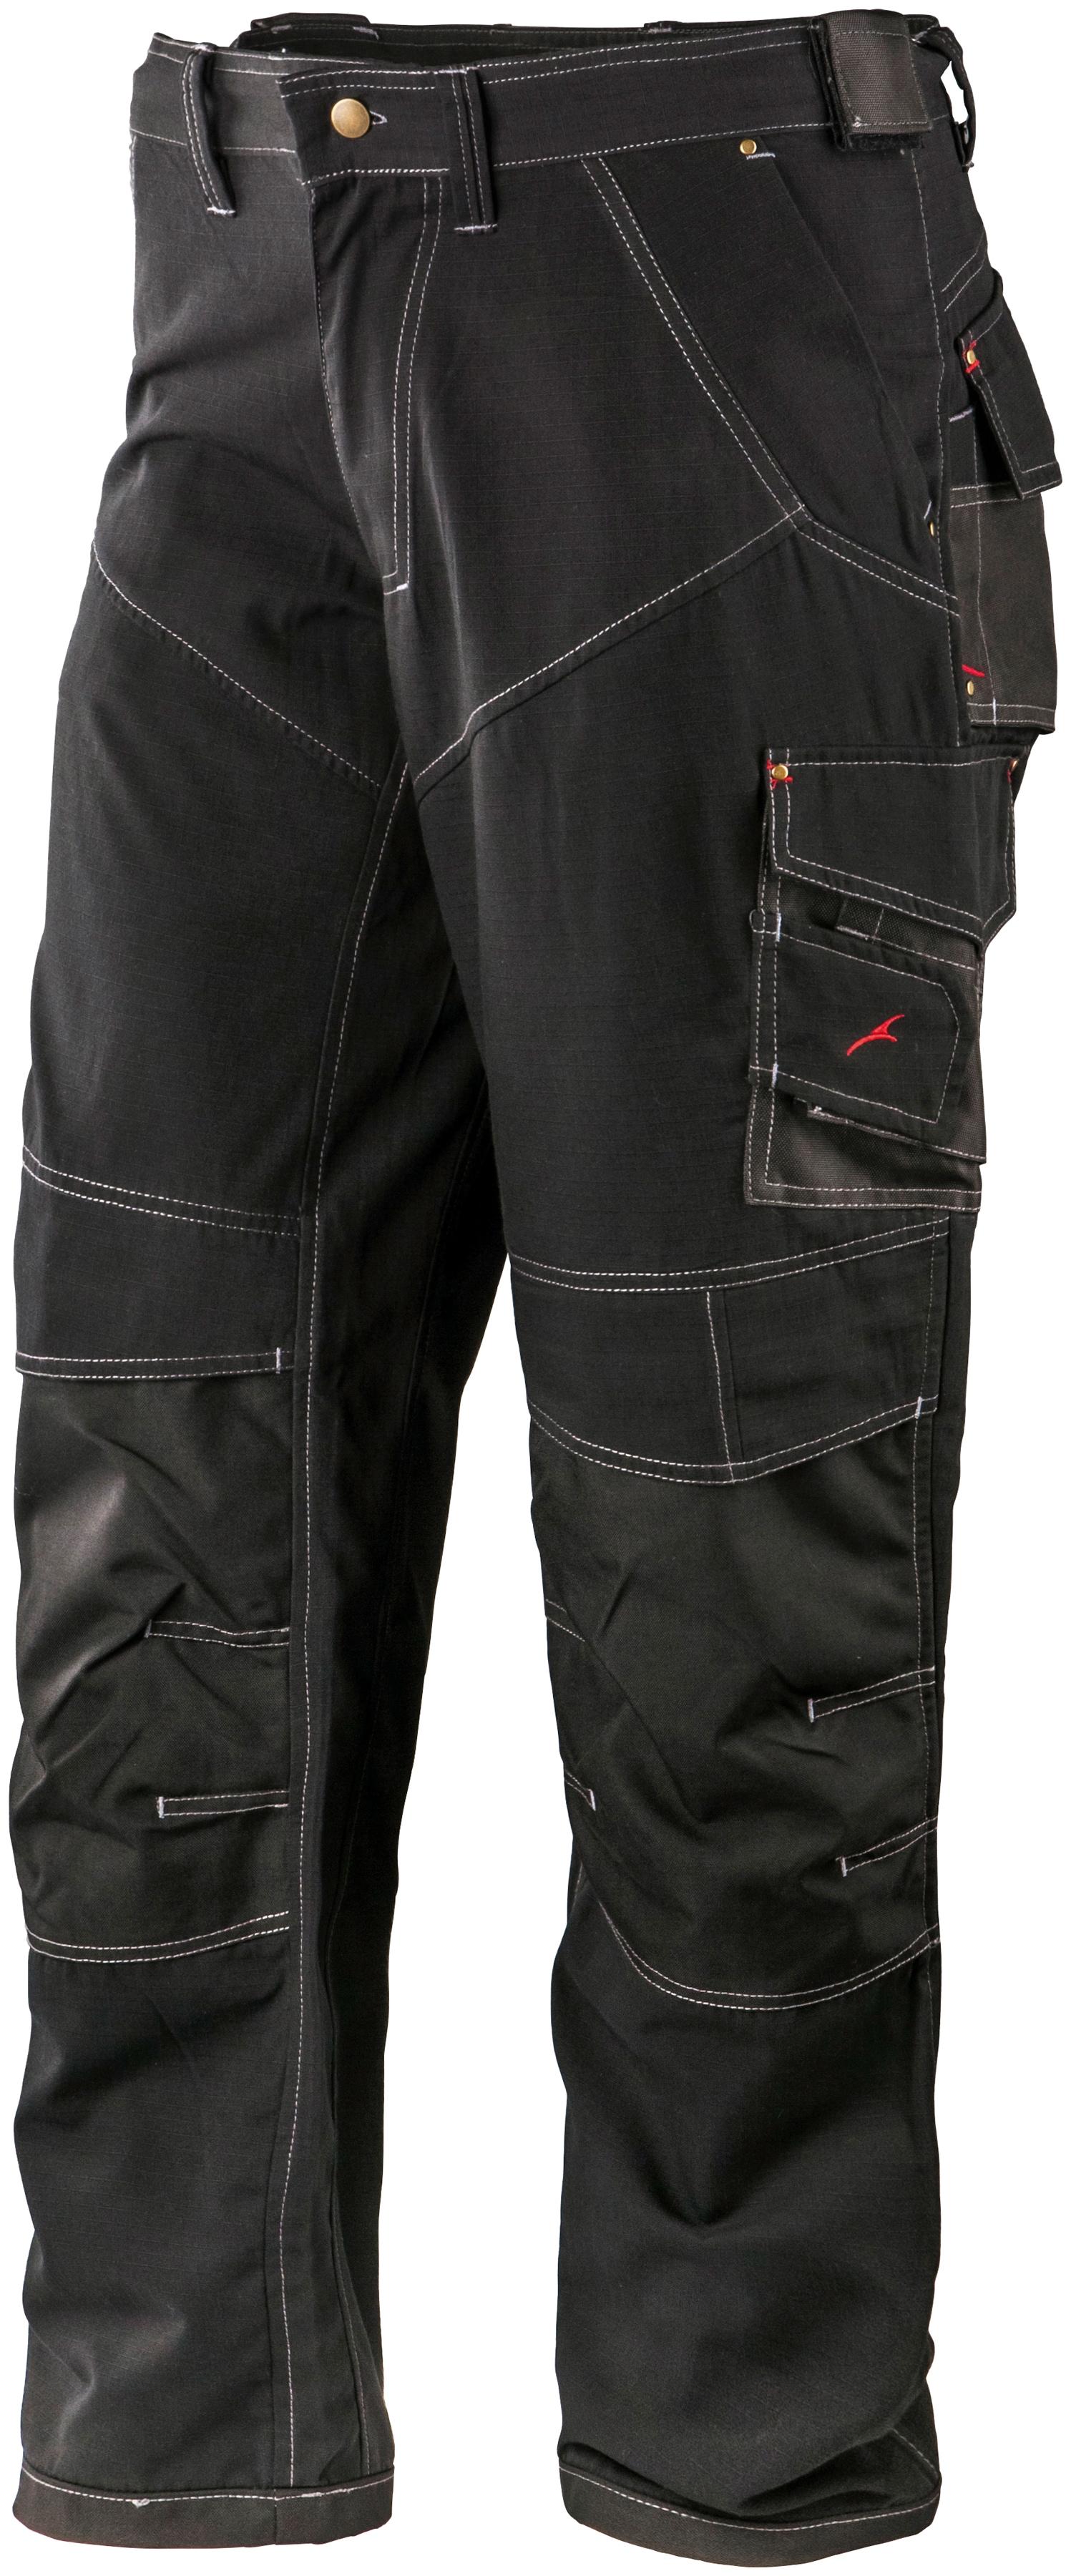 Albatros Arbeitshose Freestyle SR, mit Handytasche schwarz Arbeitshosen Arbeits- Berufsbekleidung